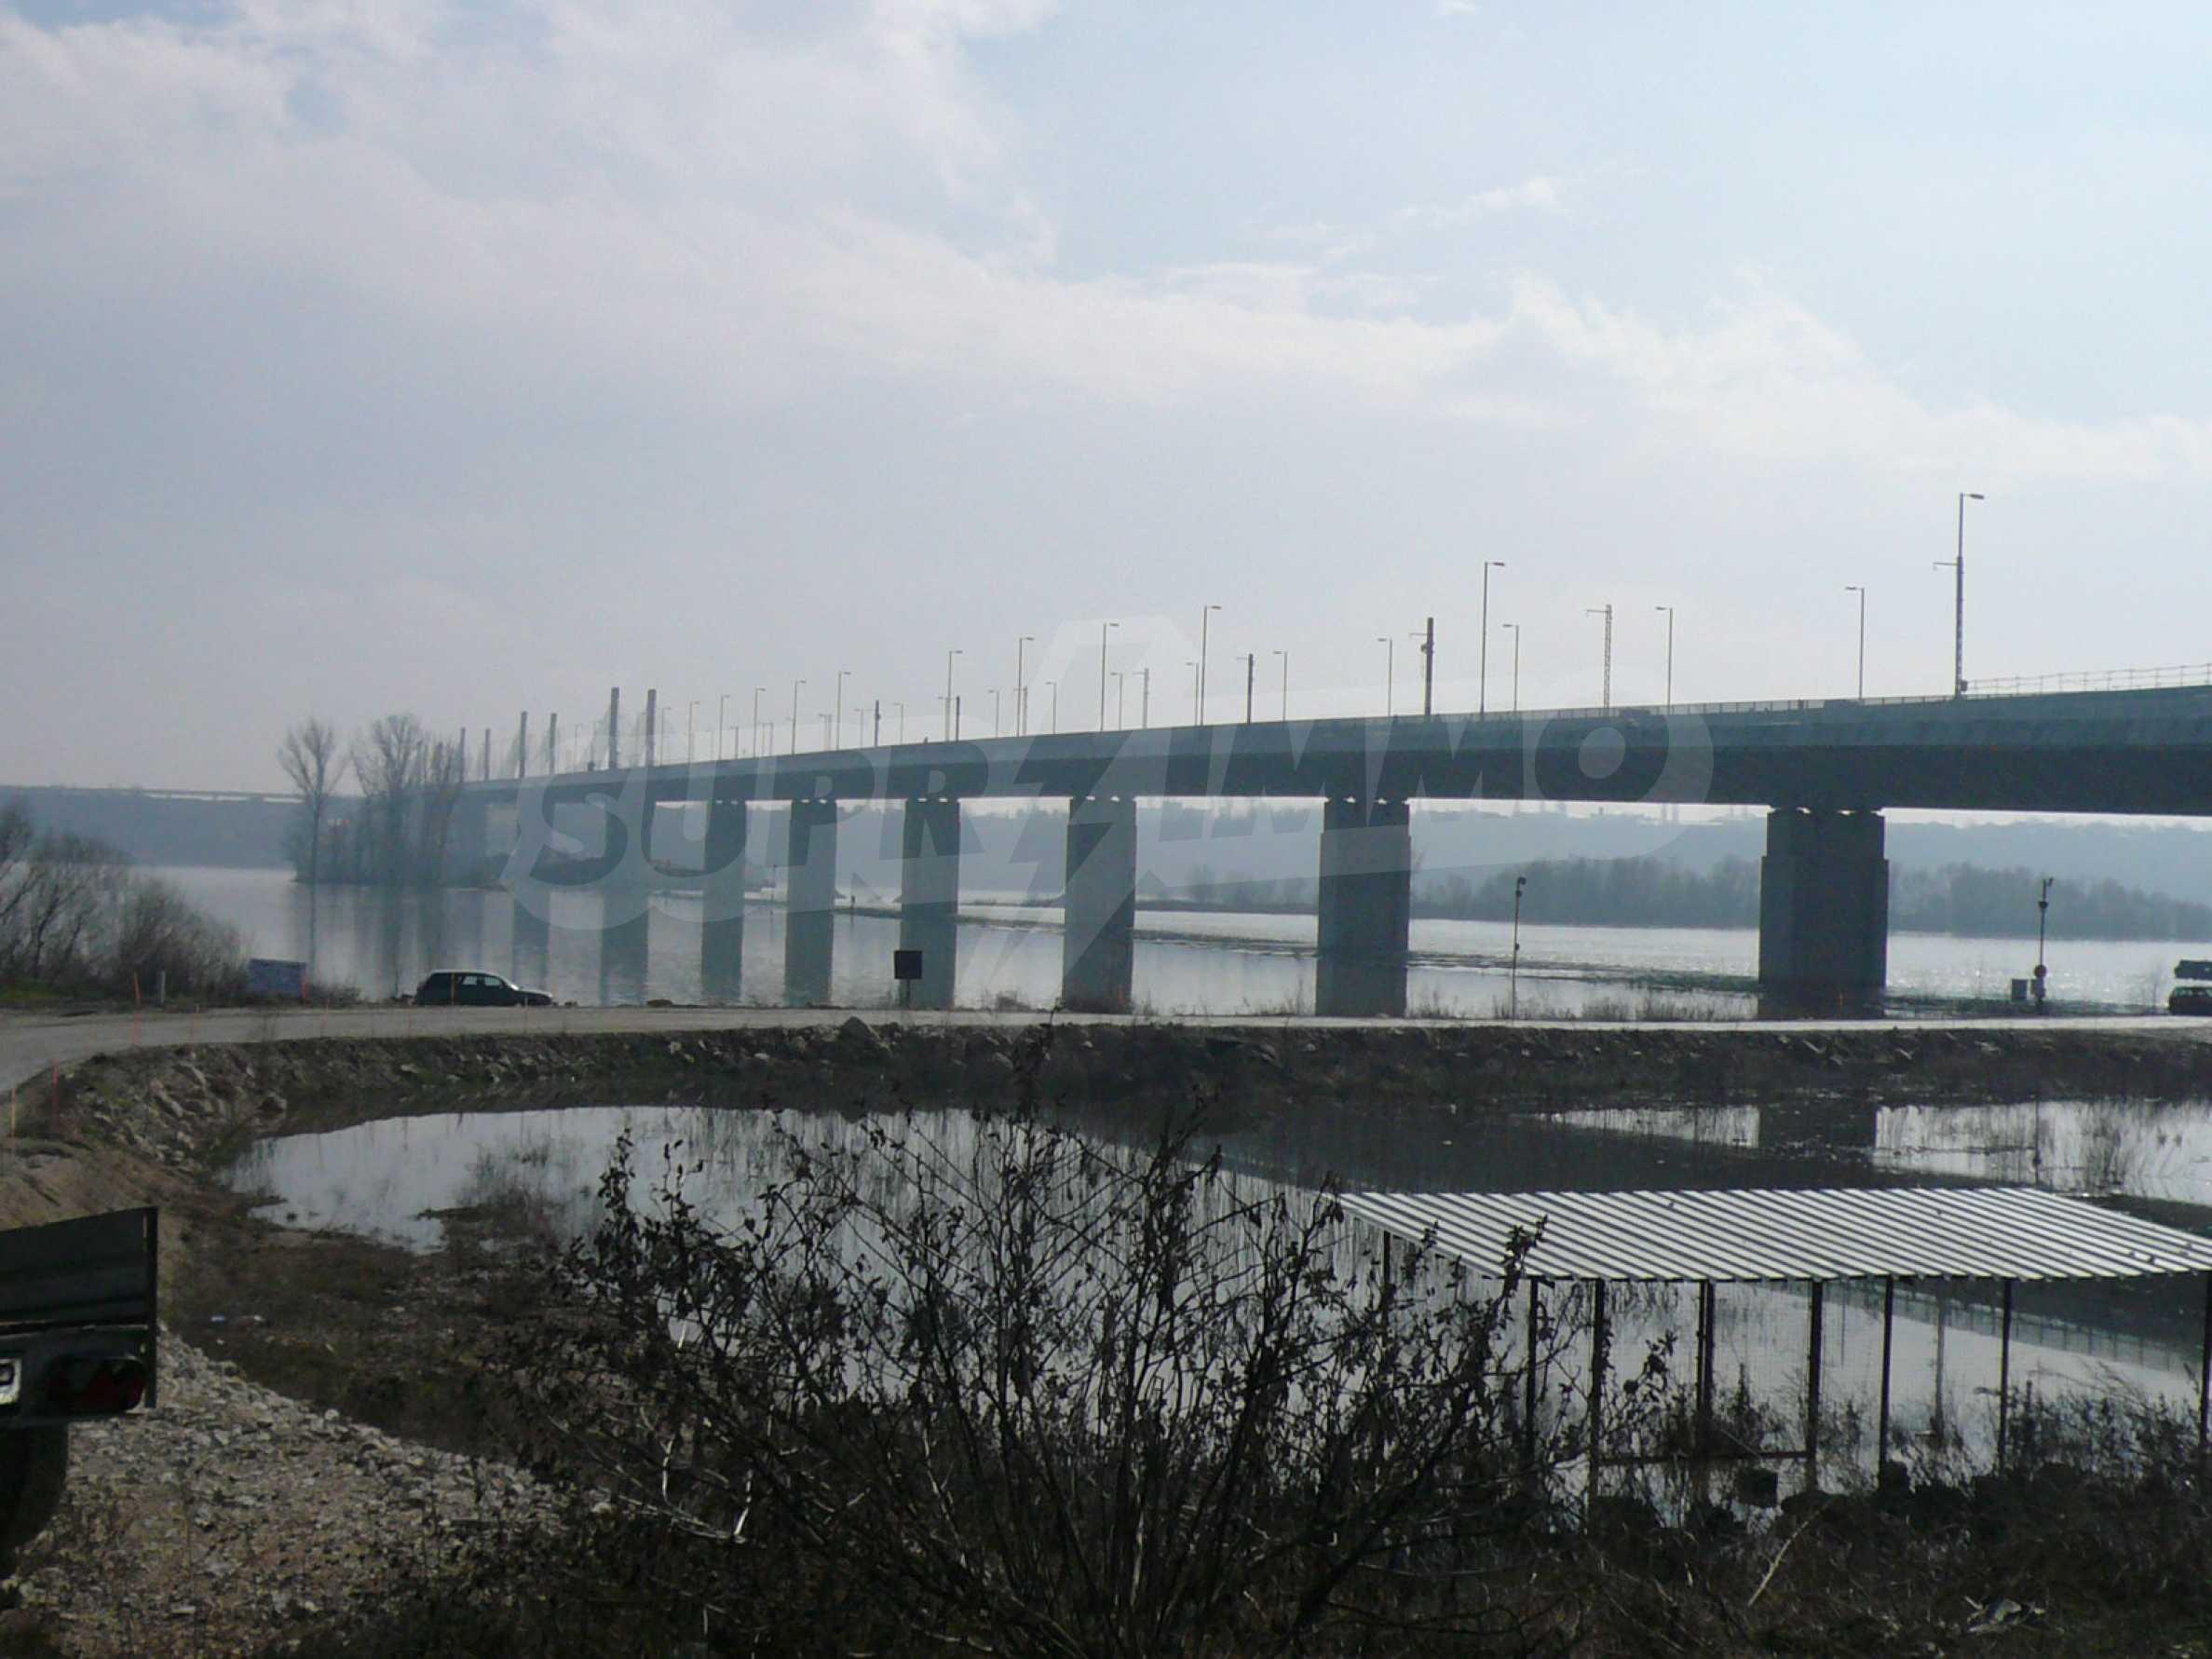 Umfangreiches Investitionsgrundstück nahe der Donaubrücke 2 1